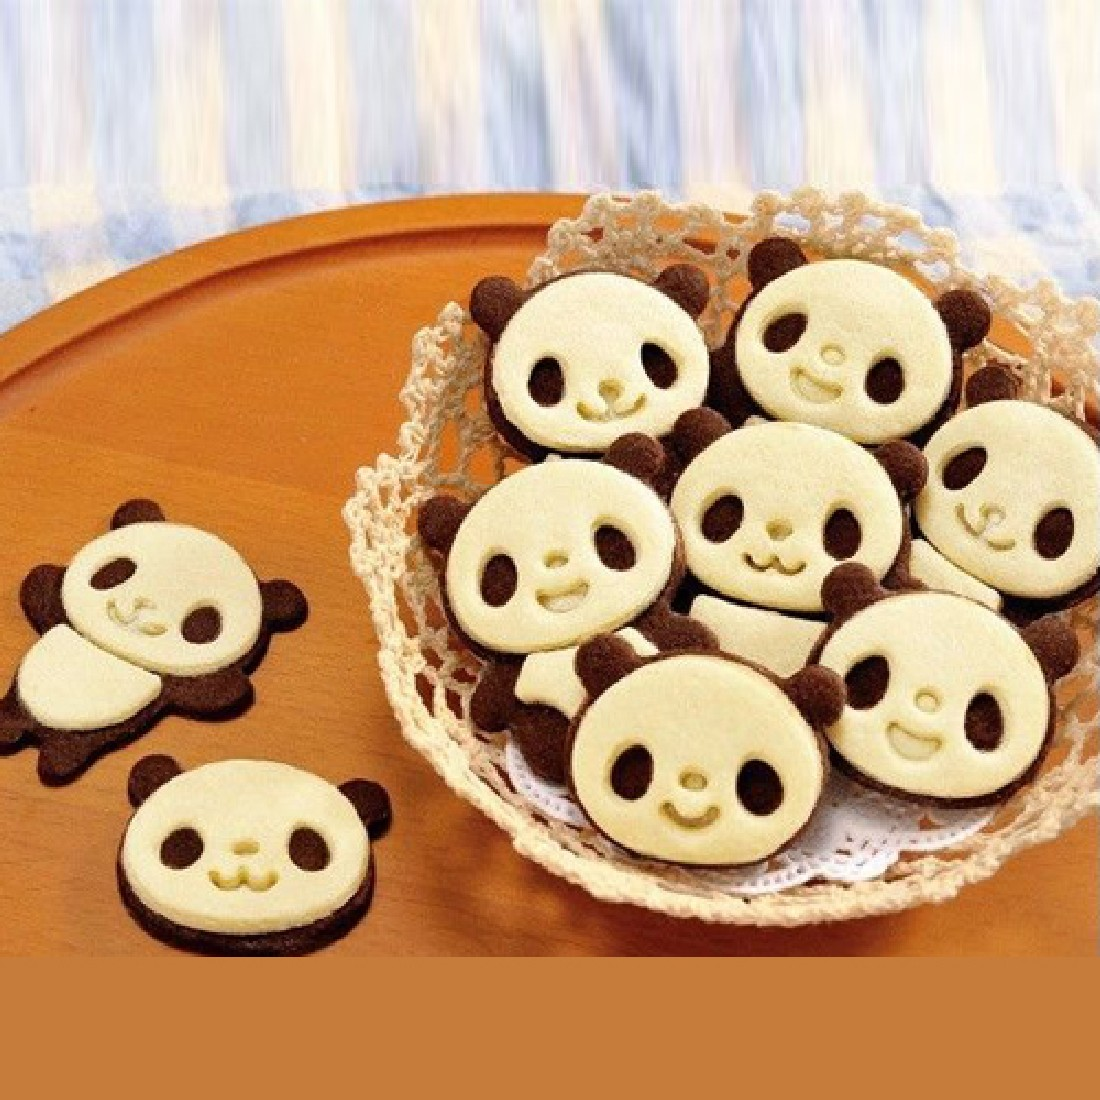 4 Unids/set Panda de la Historieta Torta Cortador de Galletas Dulces conjunto mo